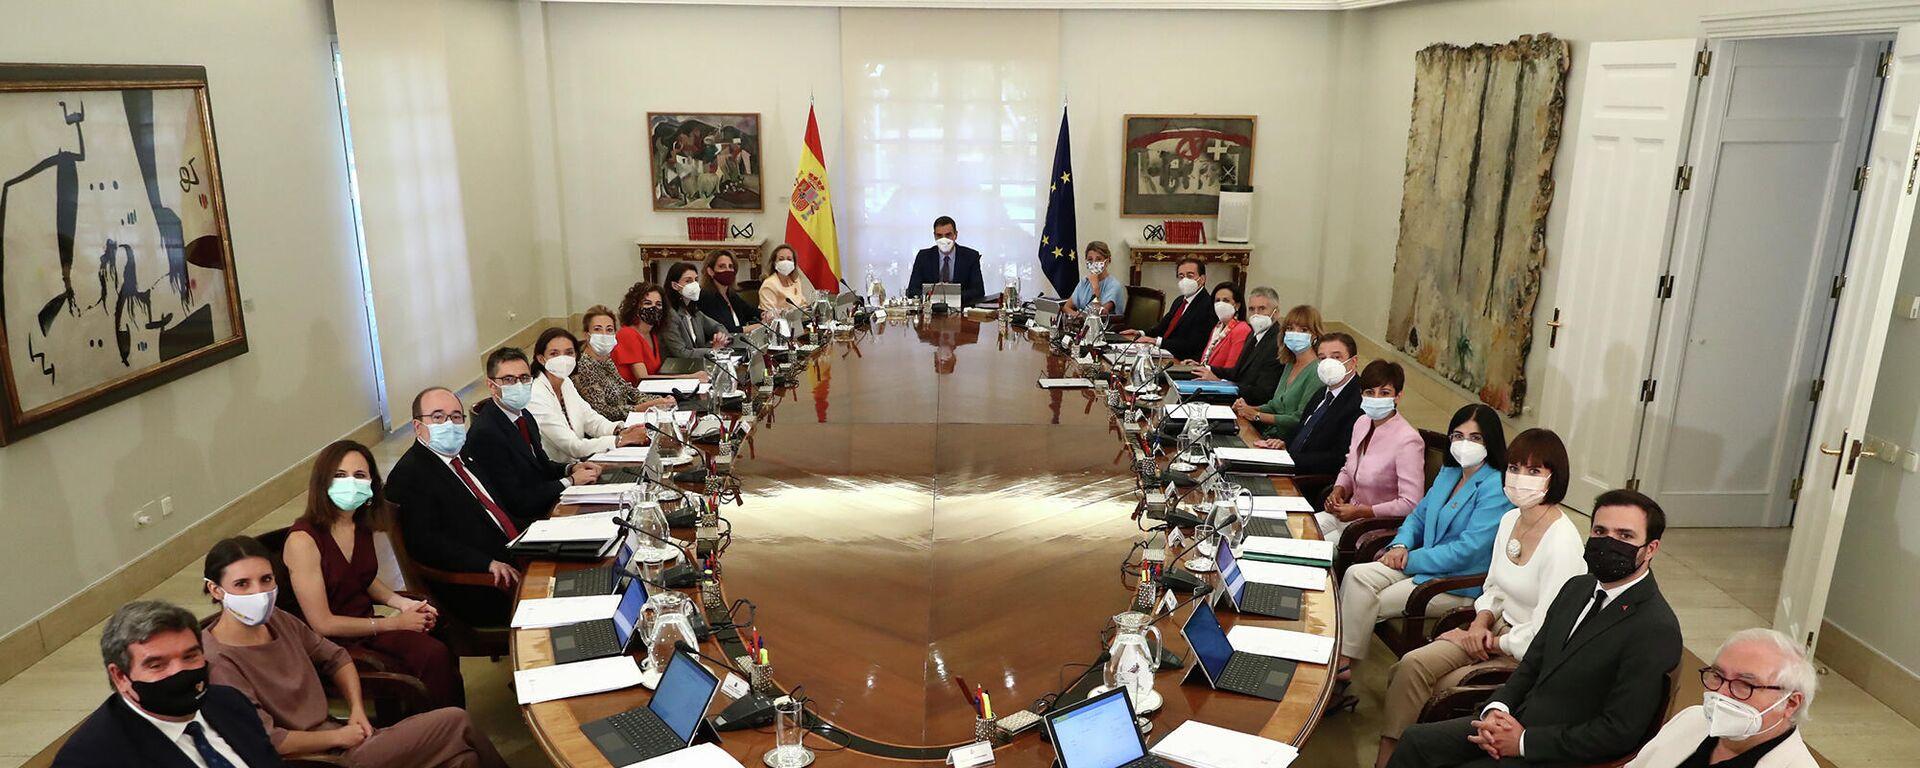 Reunión del Consejo de Ministros de España del 13 de julio de 2021 - Sputnik Mundo, 1920, 20.07.2021